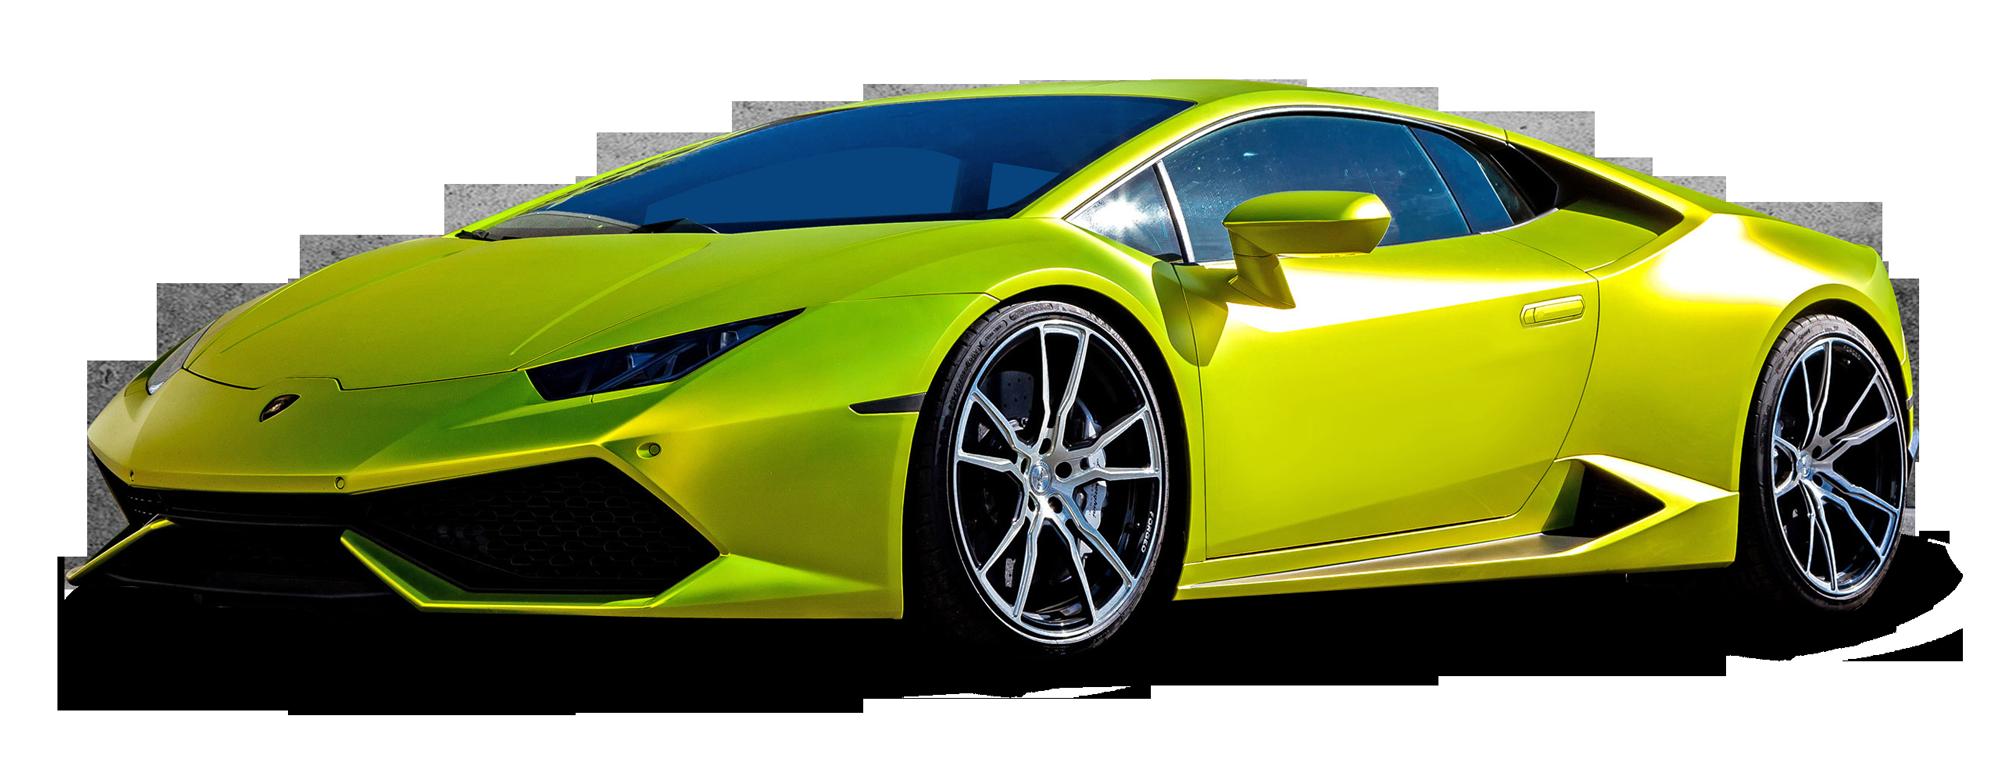 Download Lamborghini Huracan Green Car Png Image For Free